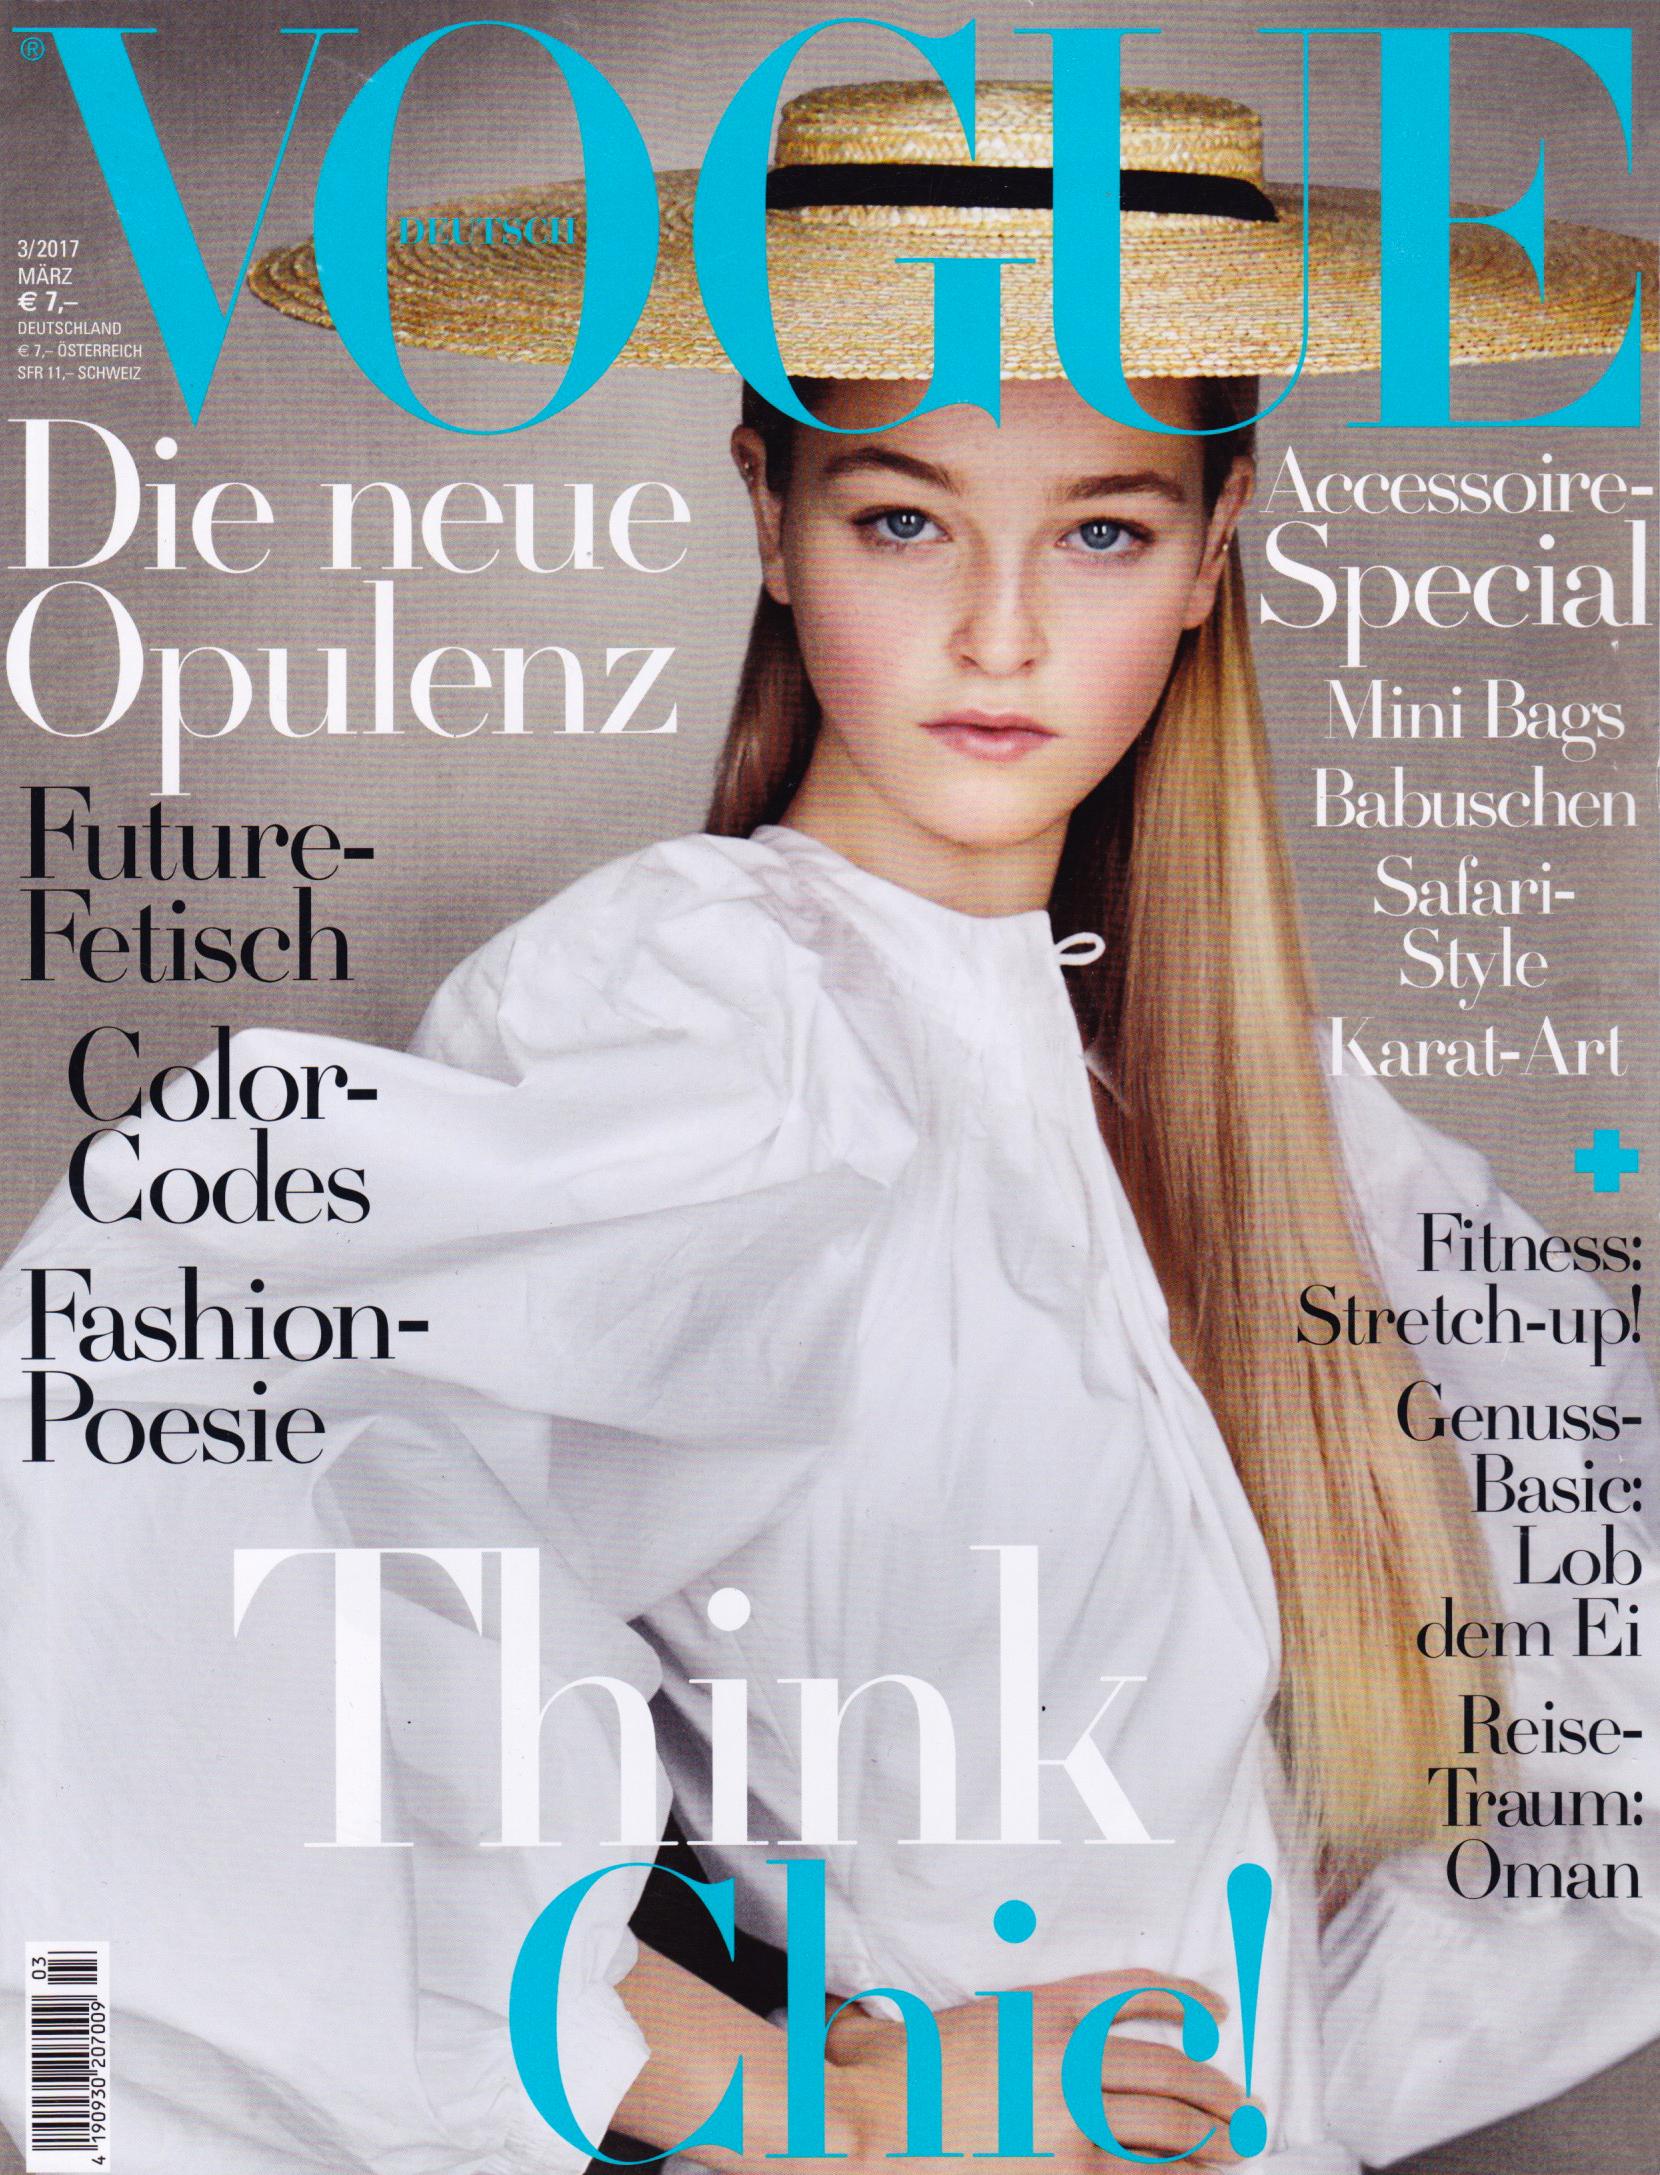 Jovana Djuric Dervish Hat Vogue Germany March 2017 Cover.jpg